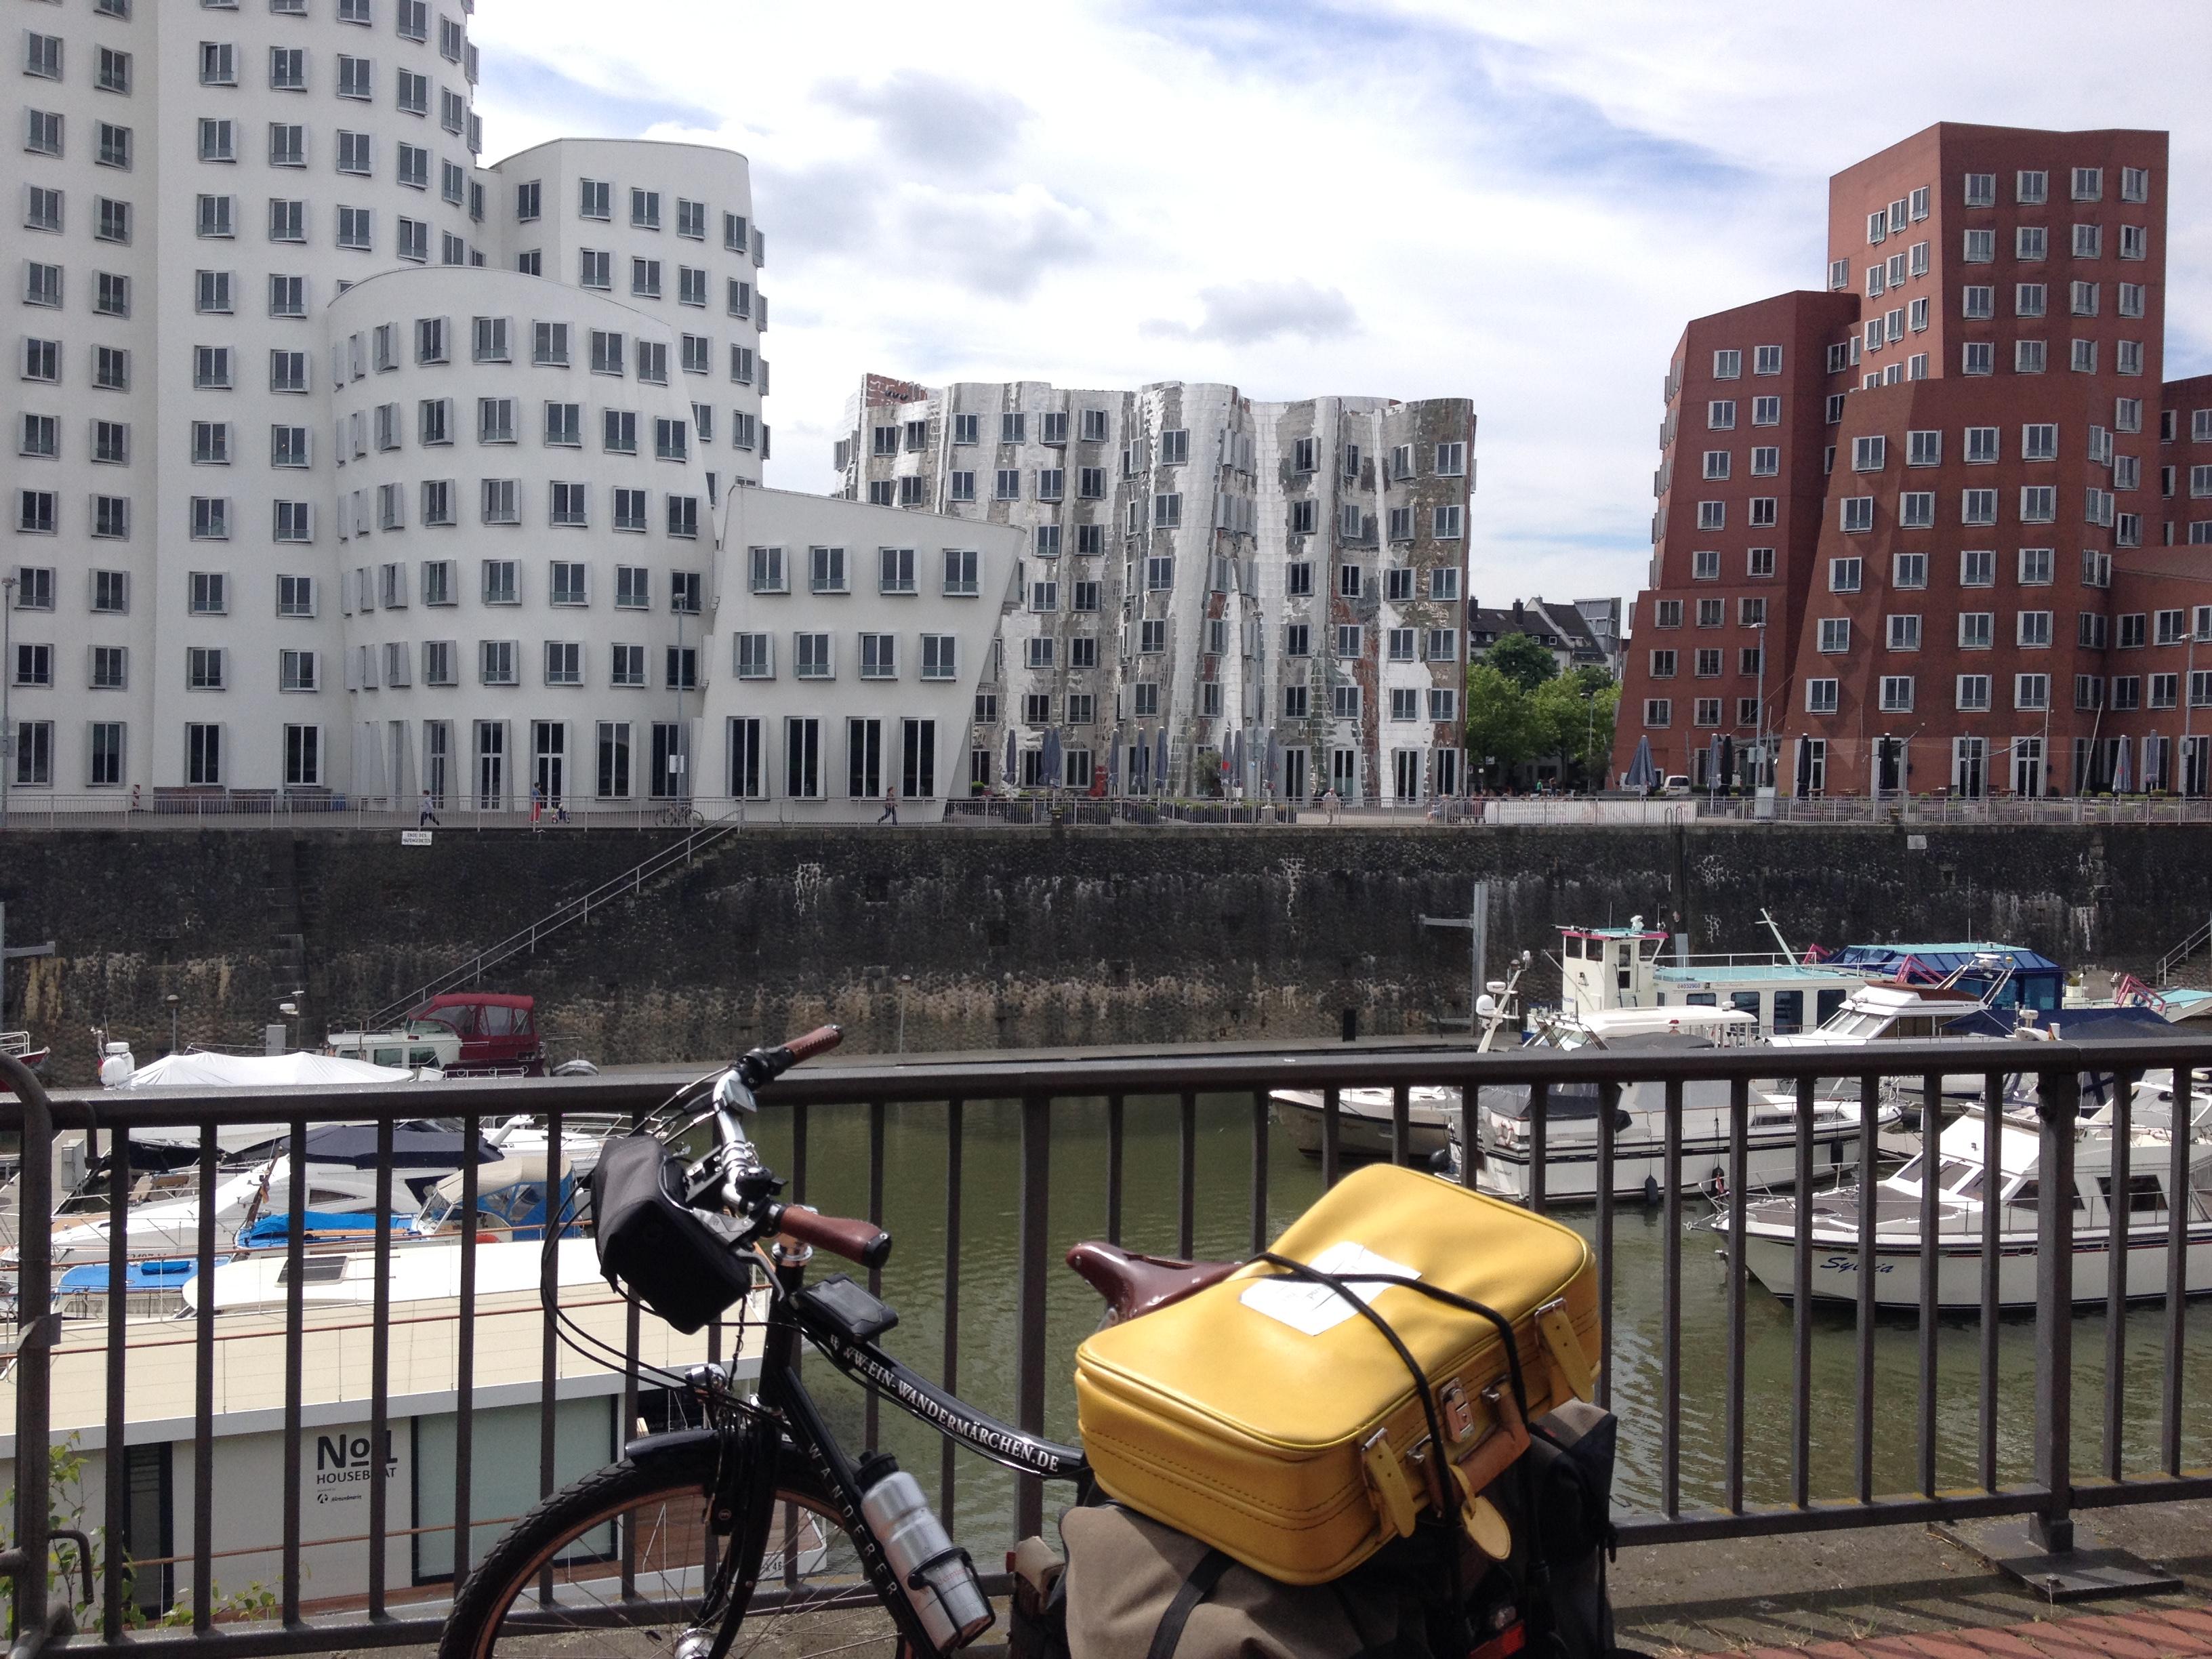 Der Medienhafen in Düsseldorf